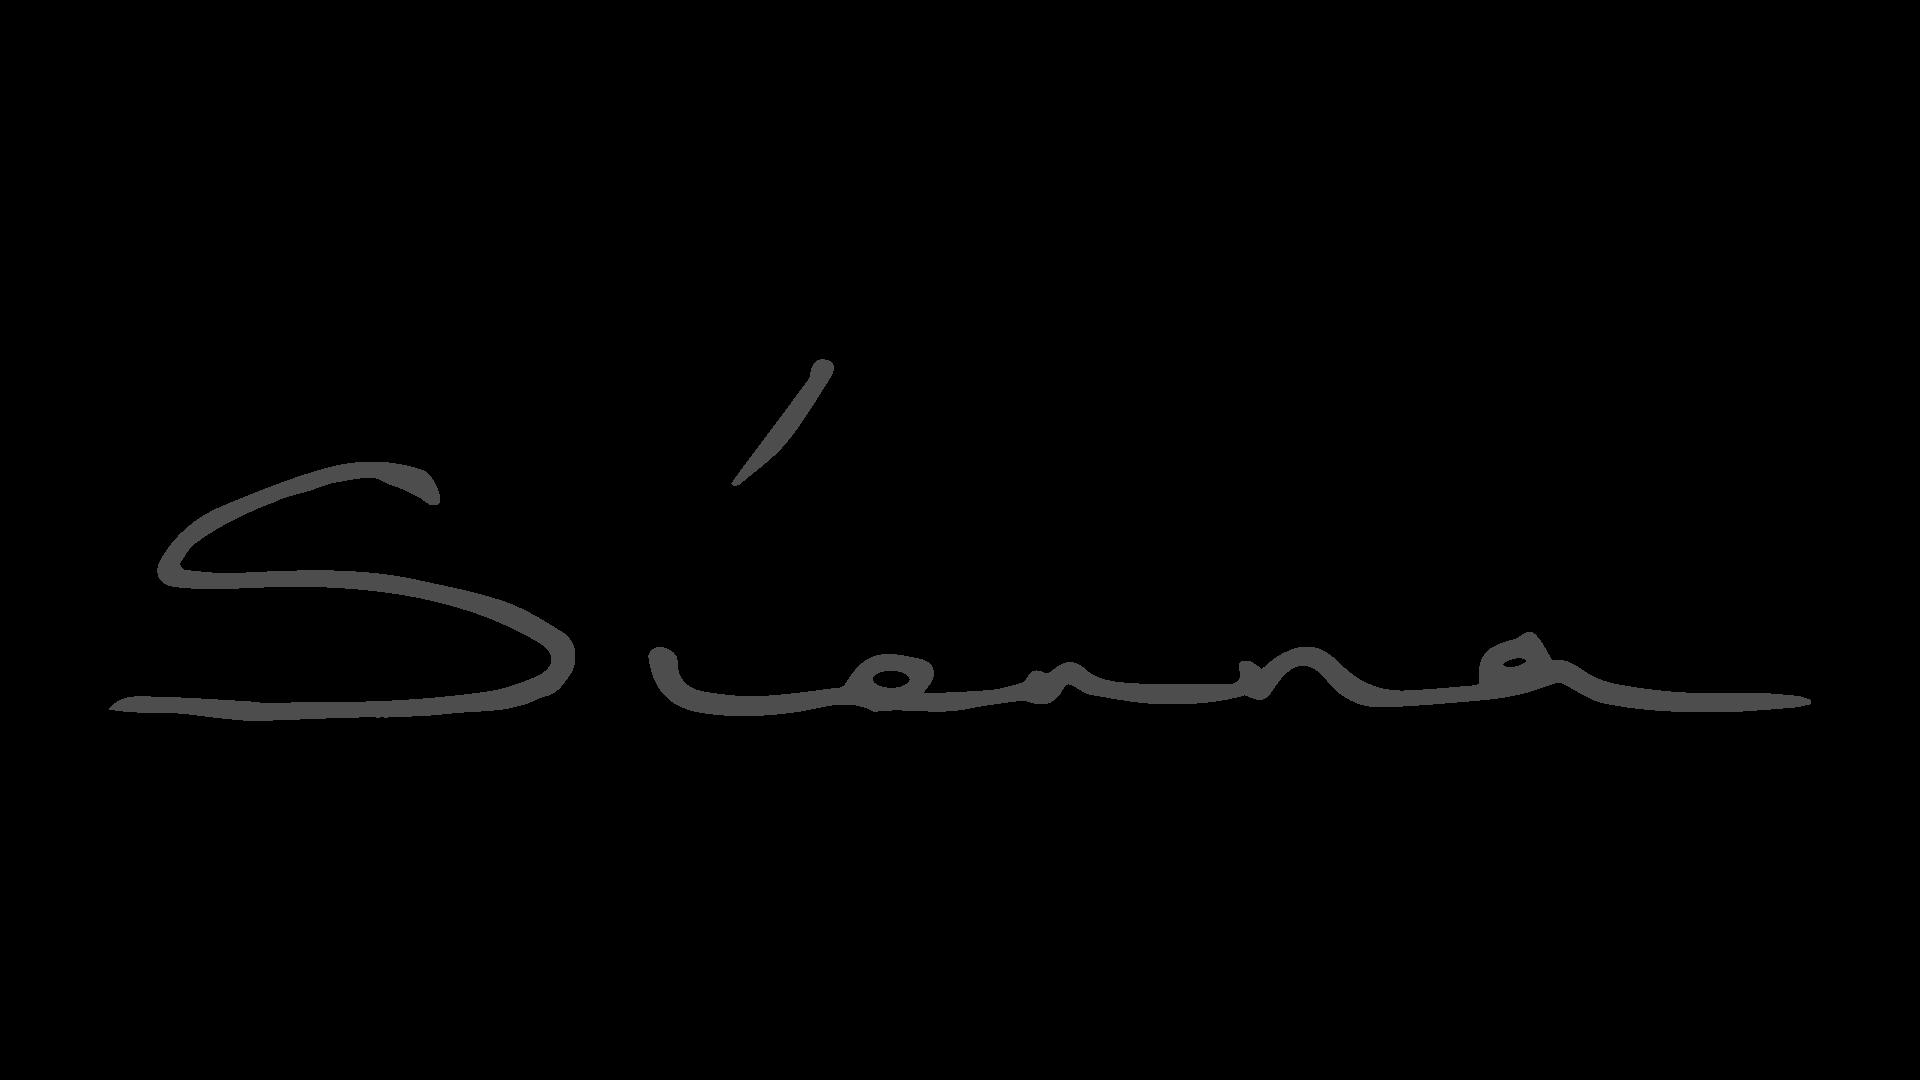 Sienna-Sig-2.png